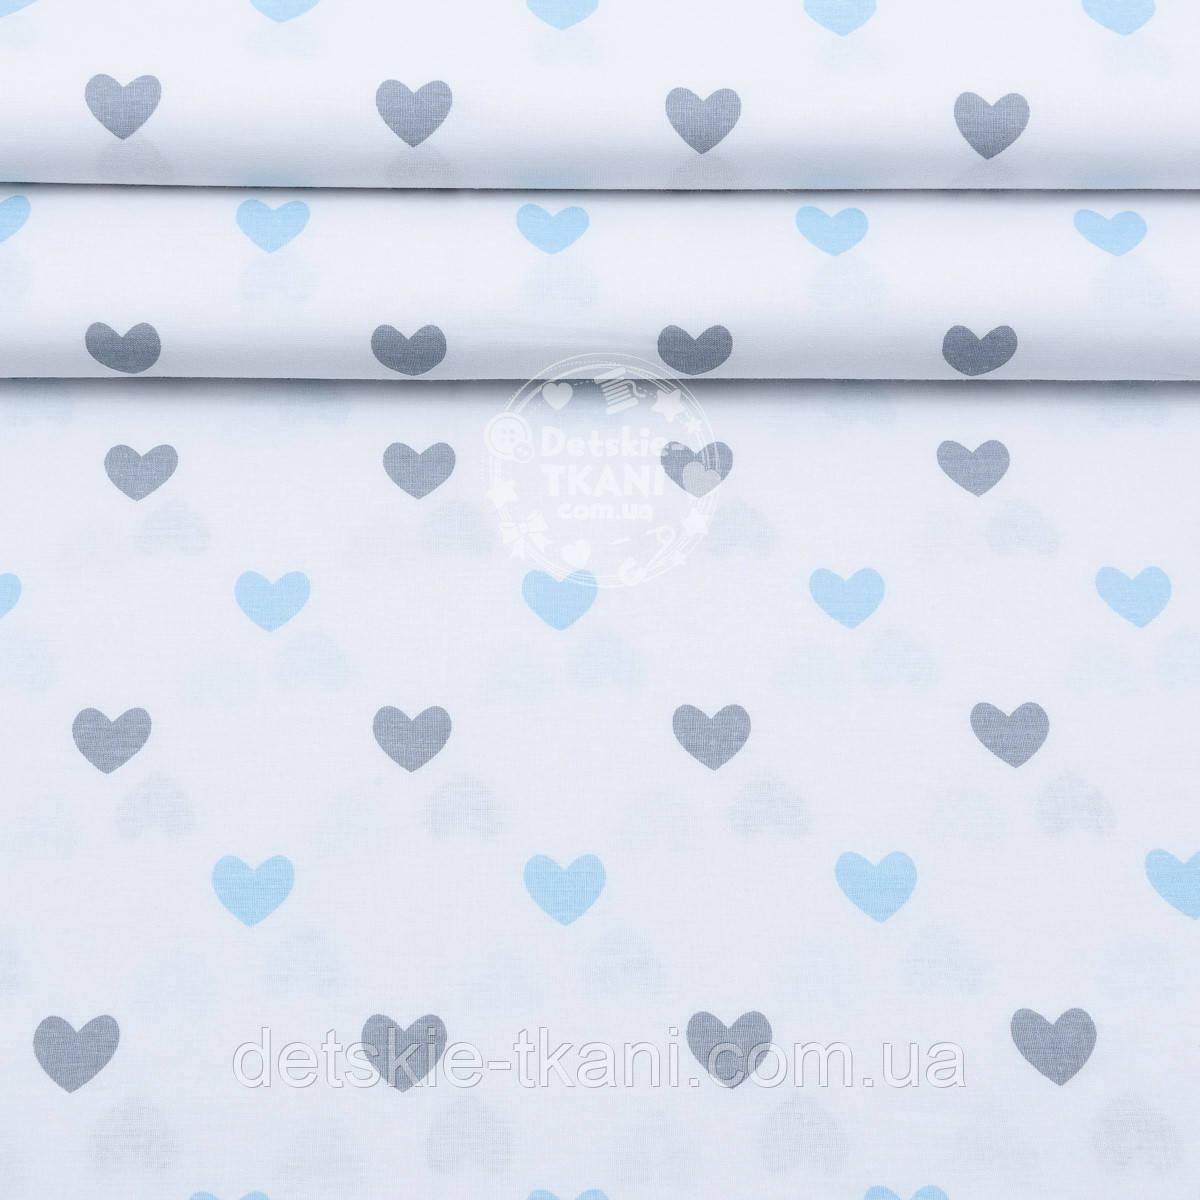 """Поплин шириной 240 см с рисунком """"Сердечки 20 мм в шахматном порядке"""" серо-голубые на белом (№1682)"""